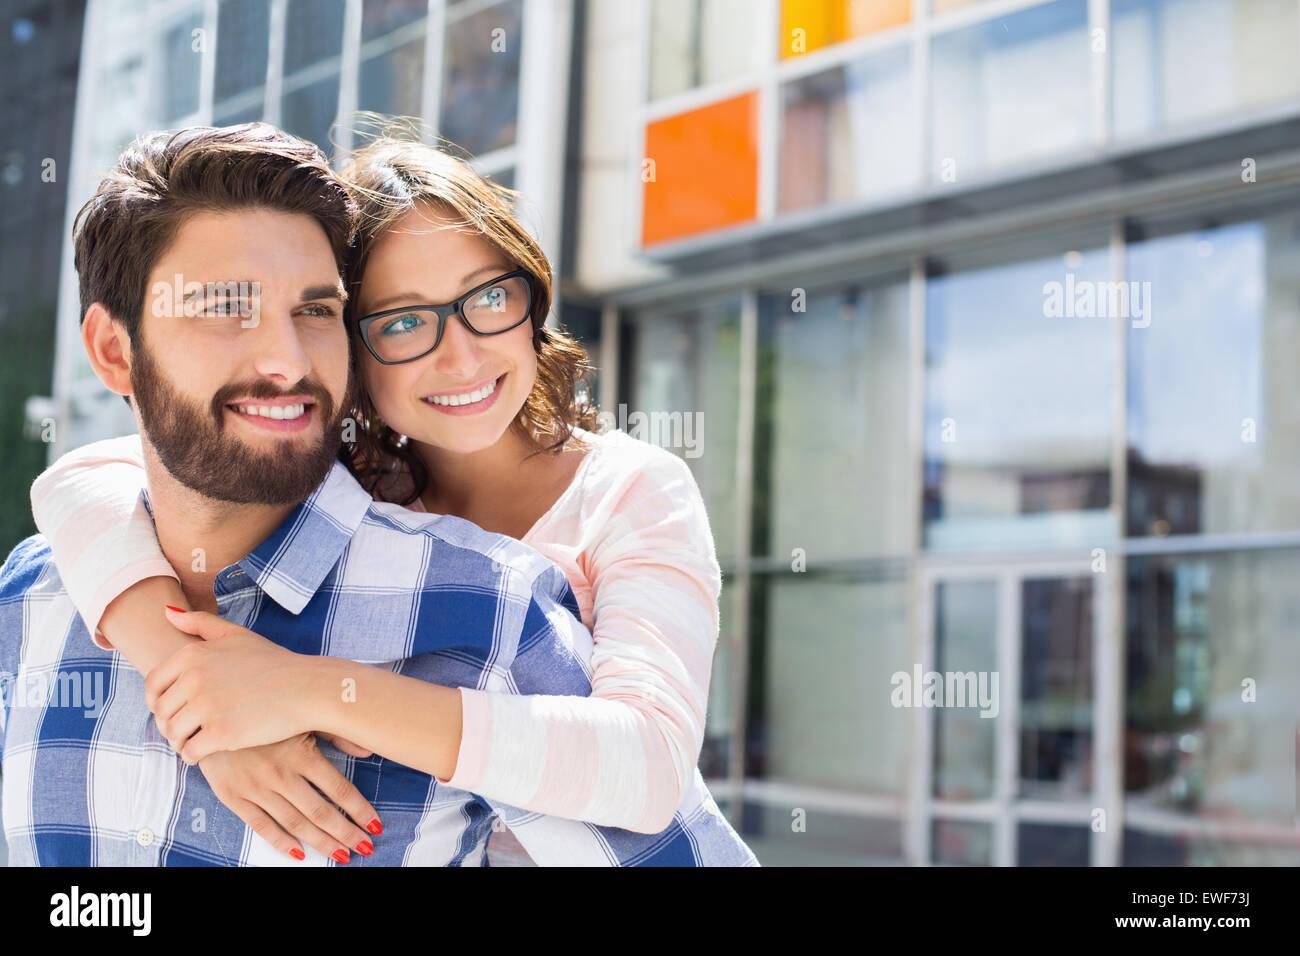 Loving man piggybacking woman in city - Stock Image